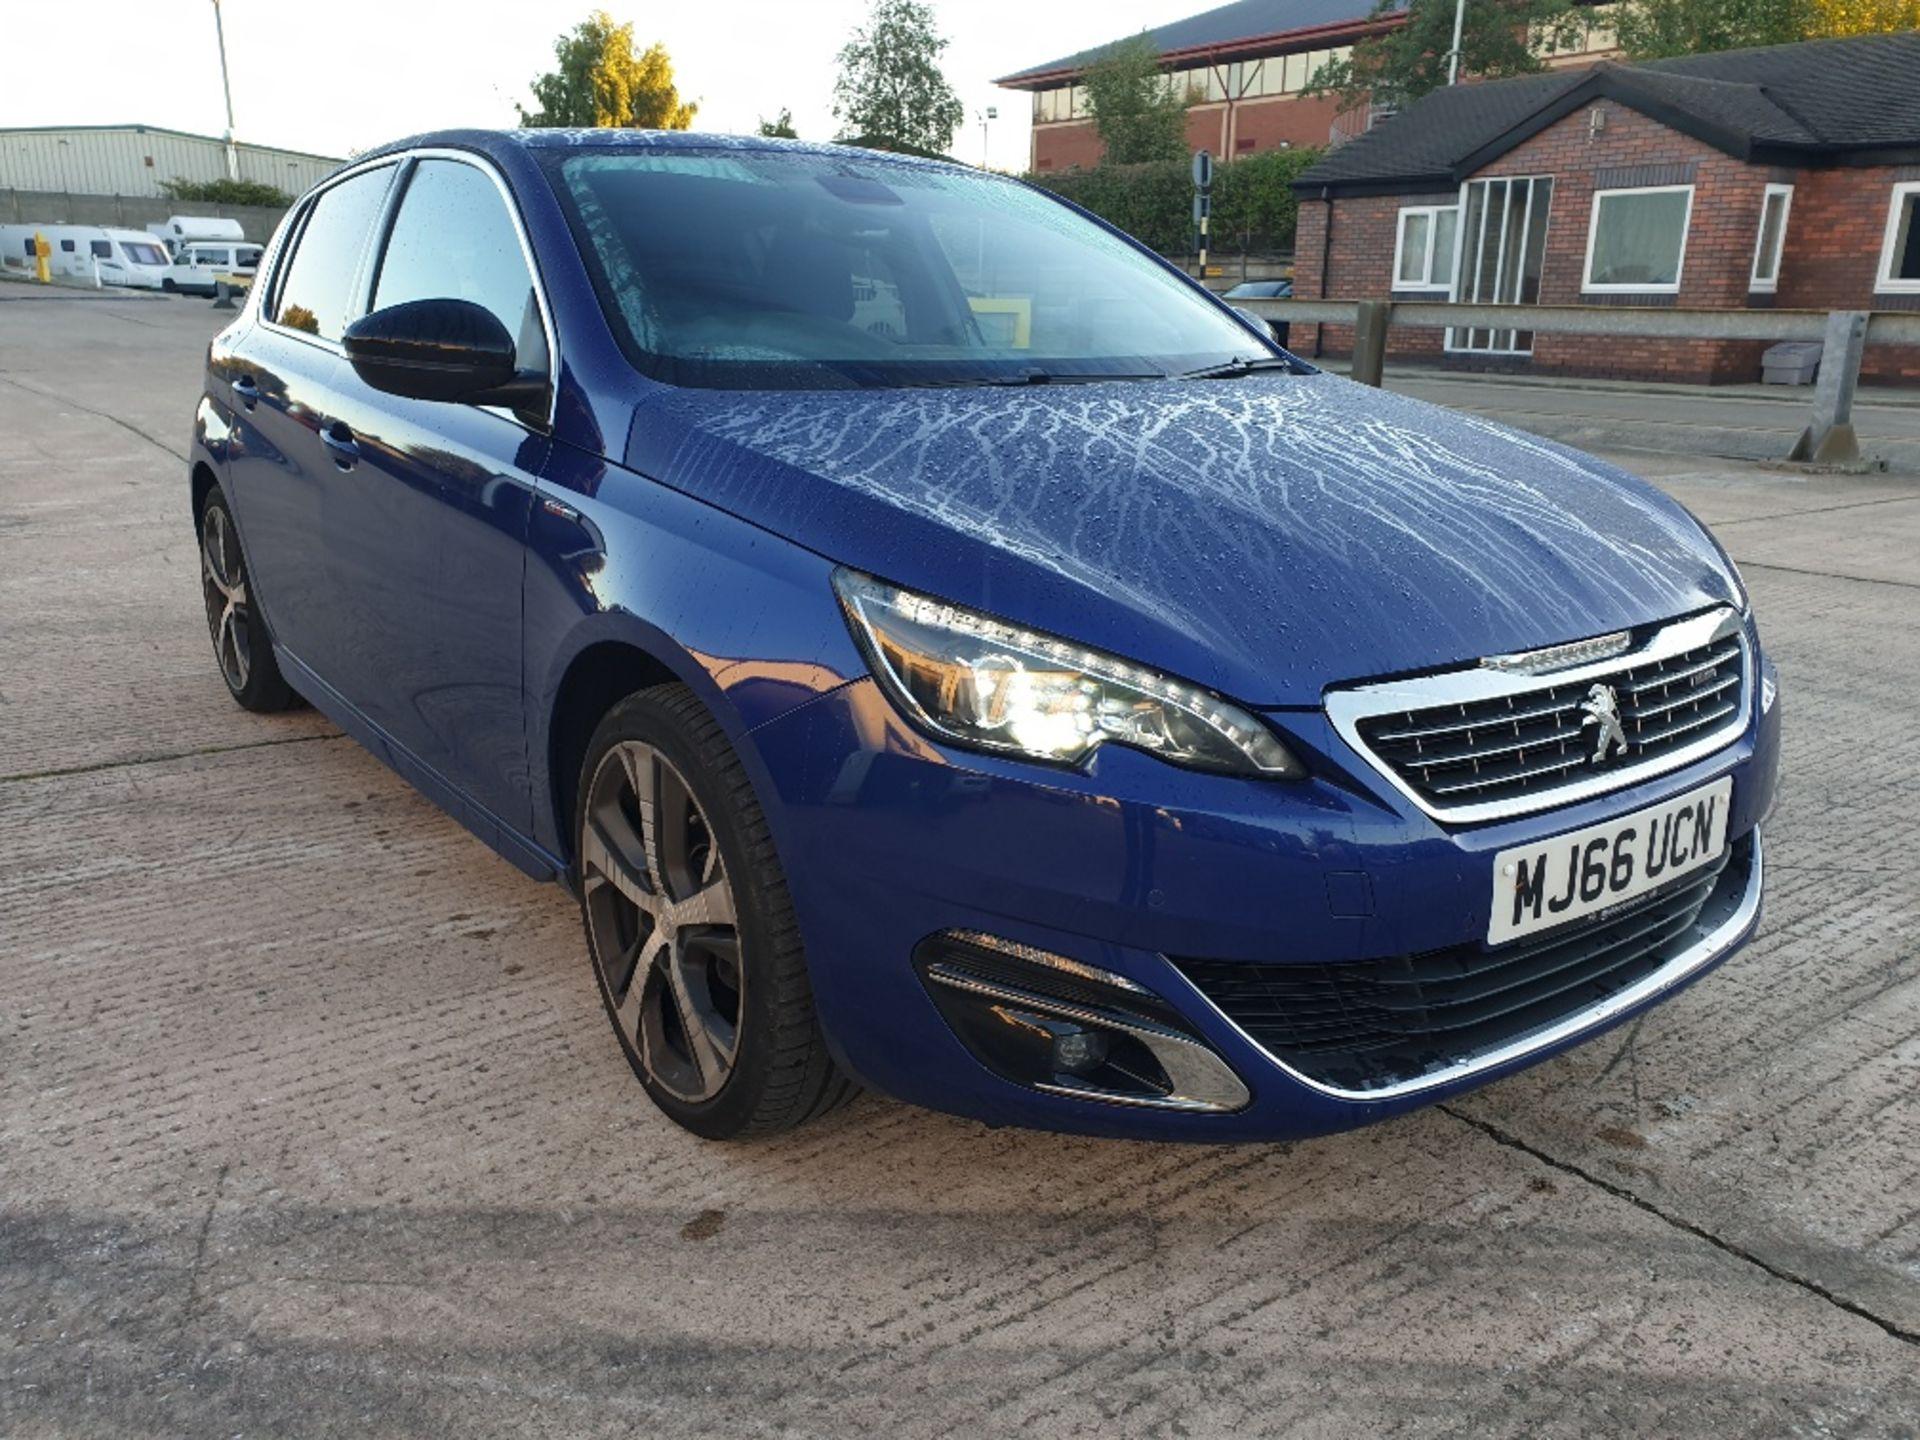 BLUE PEUGEOT 308 GT LINE. Reg : MJ66 UCN, Mileage : 14470 Details: WITH 2 X KEYS WITH V5 MOT UNTIL